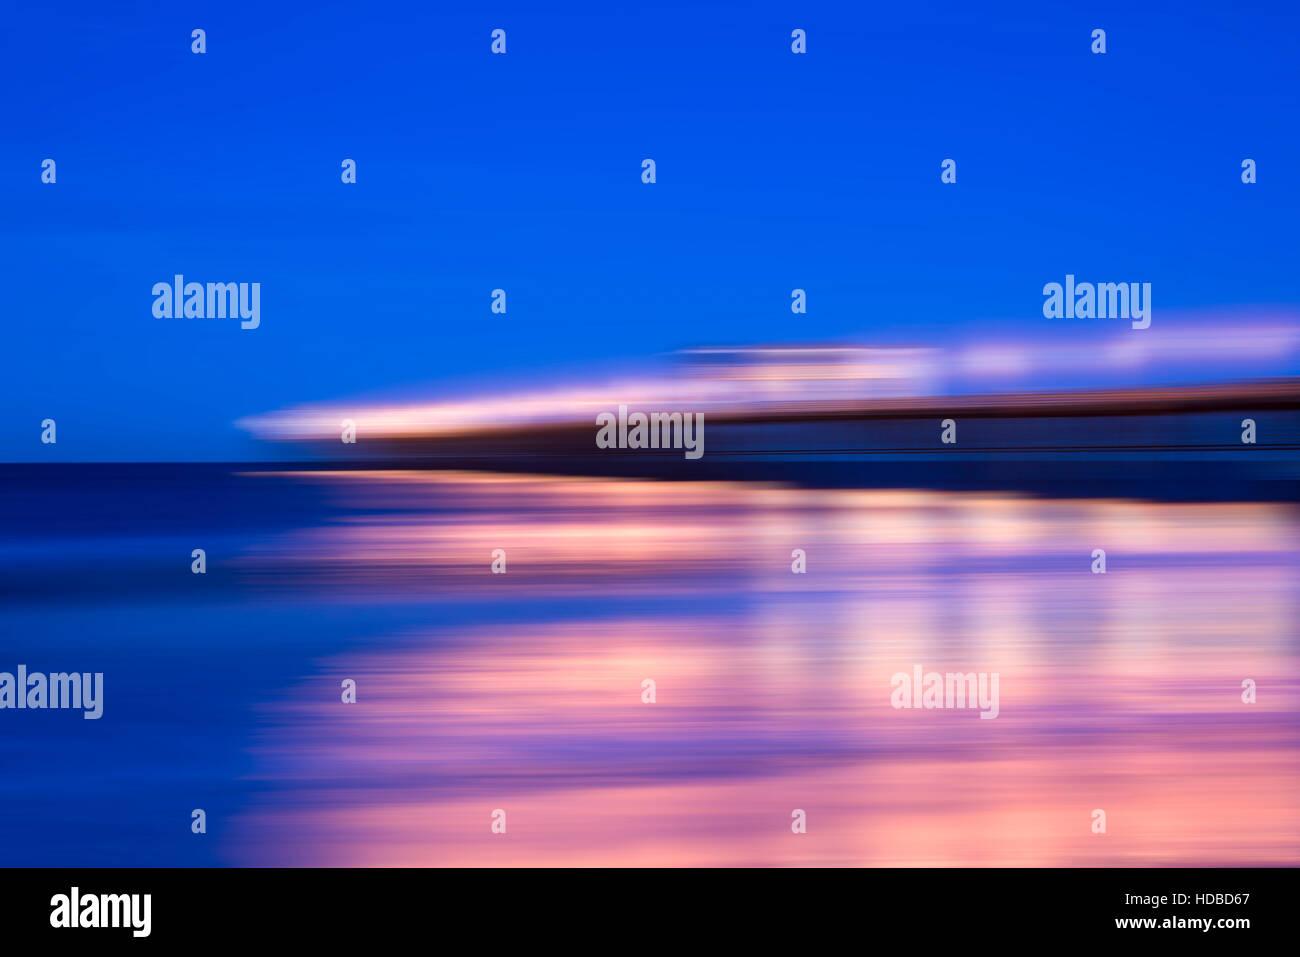 Efecto Desenfoque de movimiento, un muelle con farola por la noche. Imagen De Stock